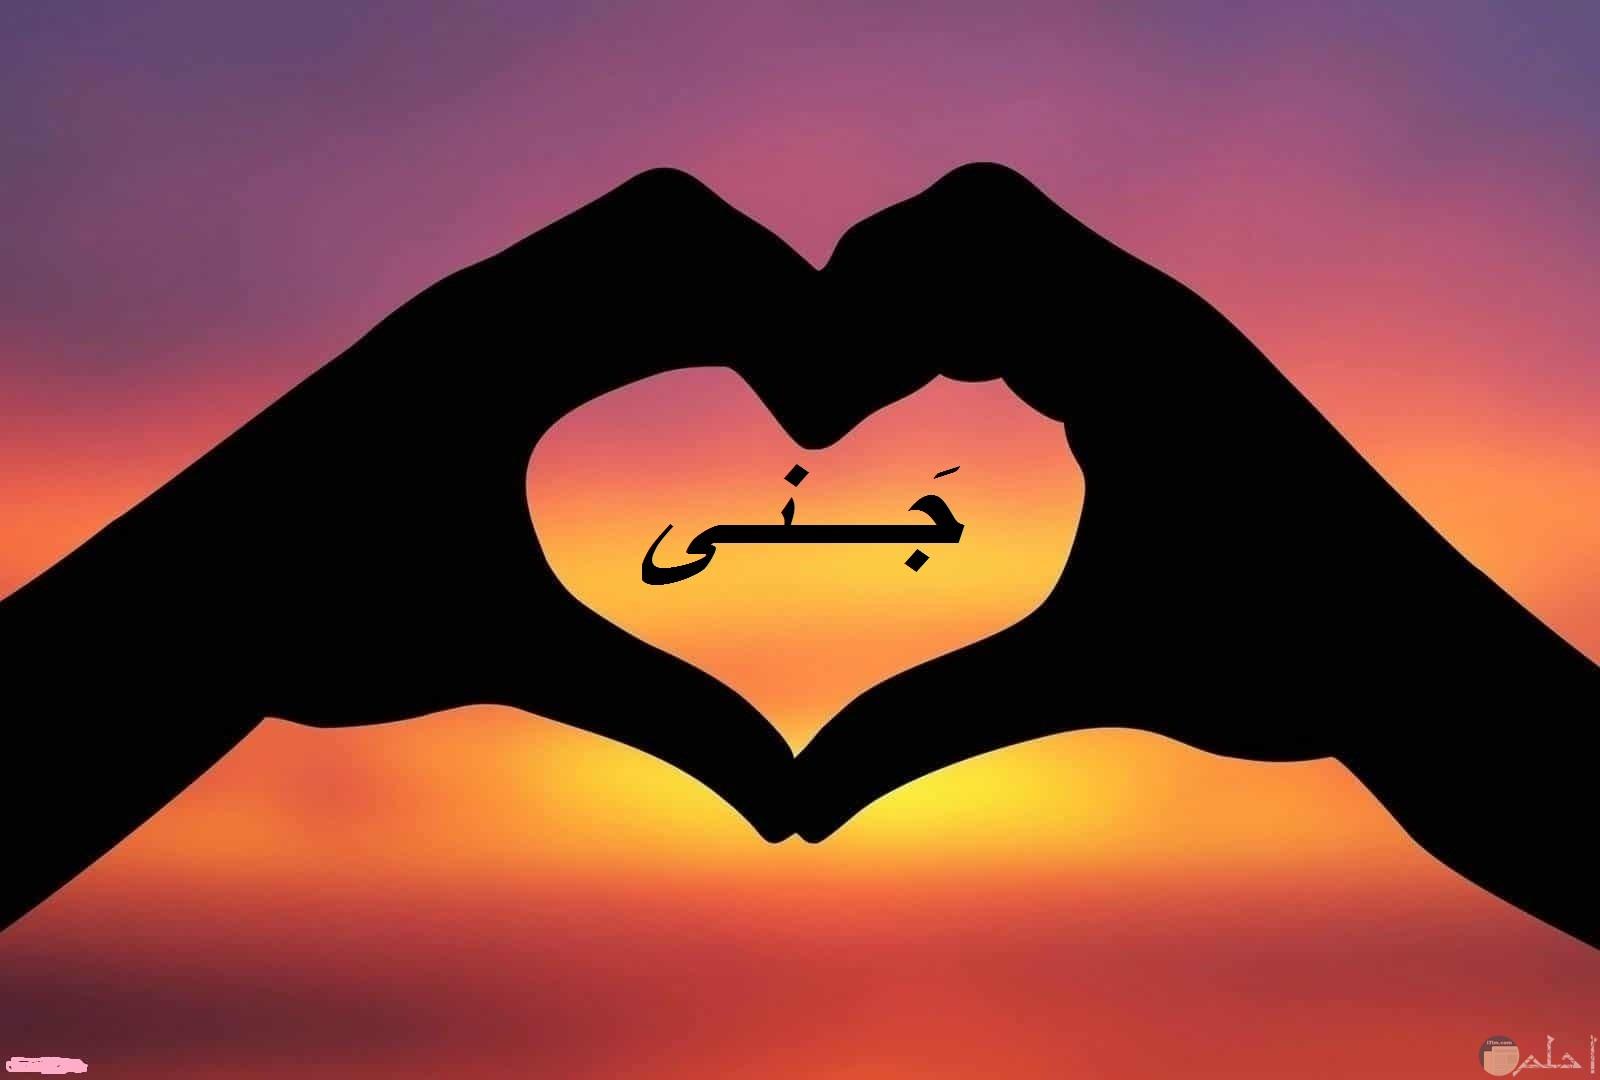 اسم جنى داخل قلب من الاصابع مع غروب الشمس.